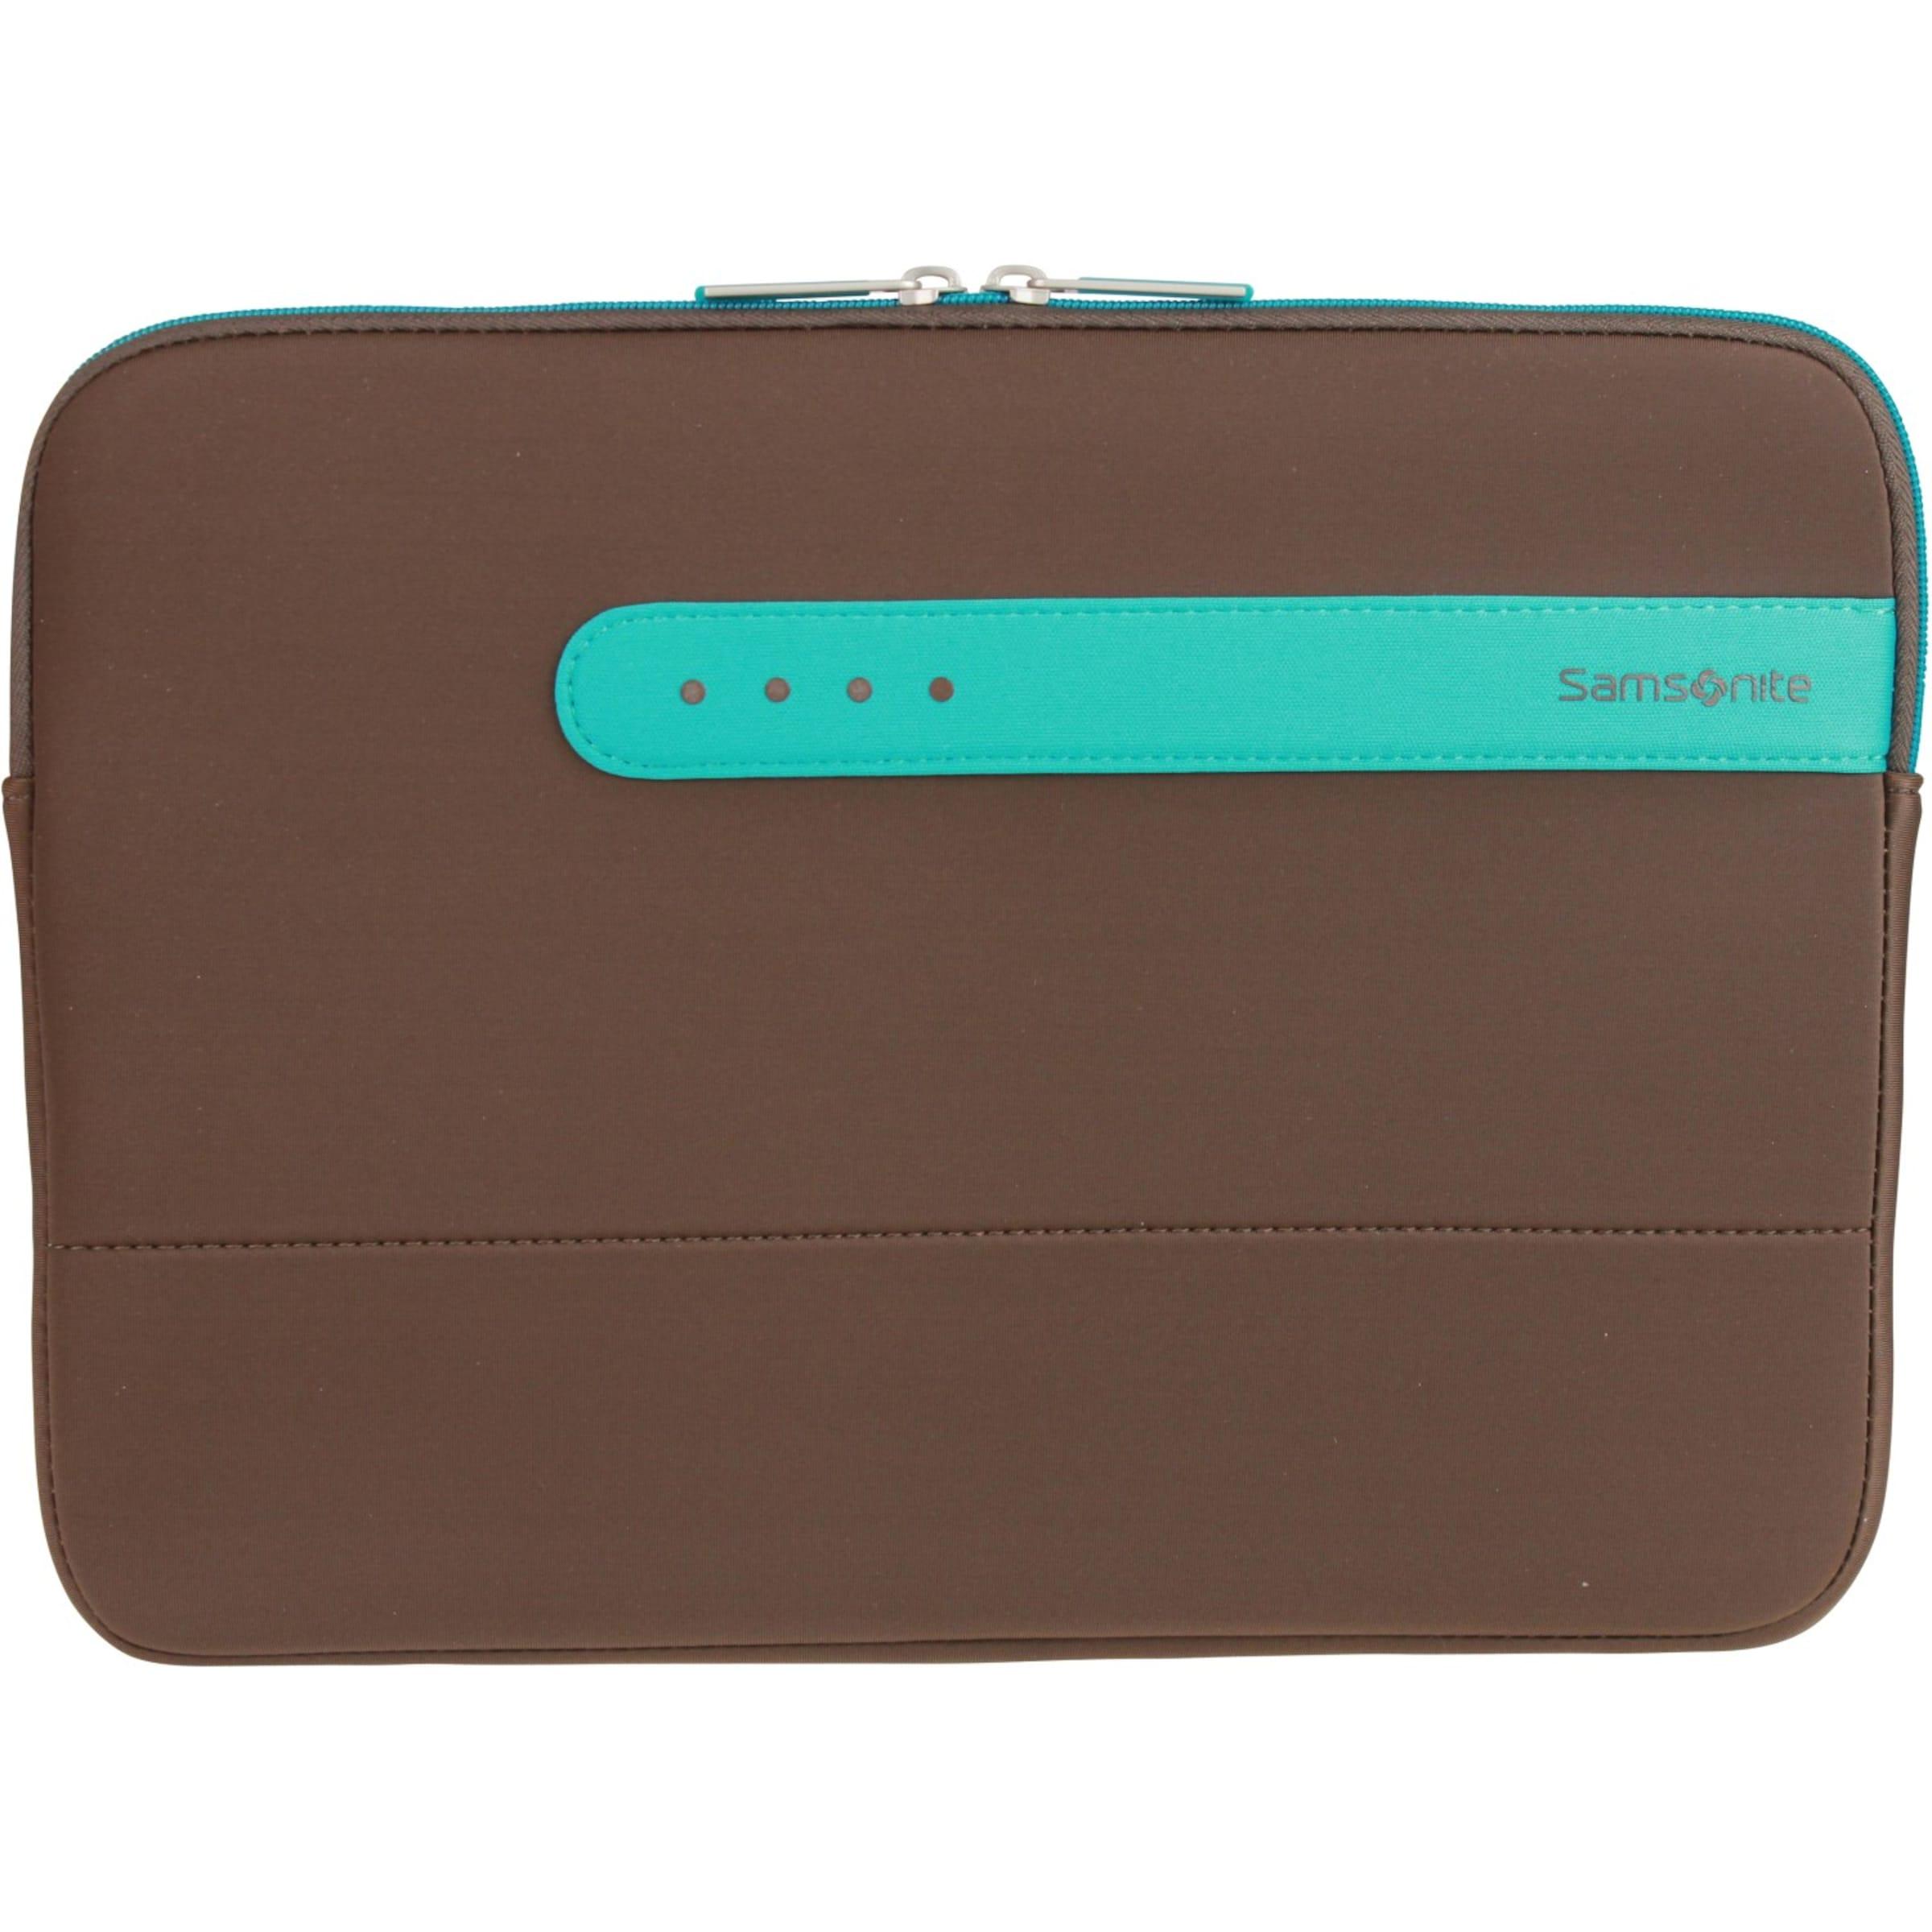 SAMSONITE Colorshield Laptophülle 30.2 cm Online-Shop Verkauf Manchester Spielraum Sast 8bwxjTTV